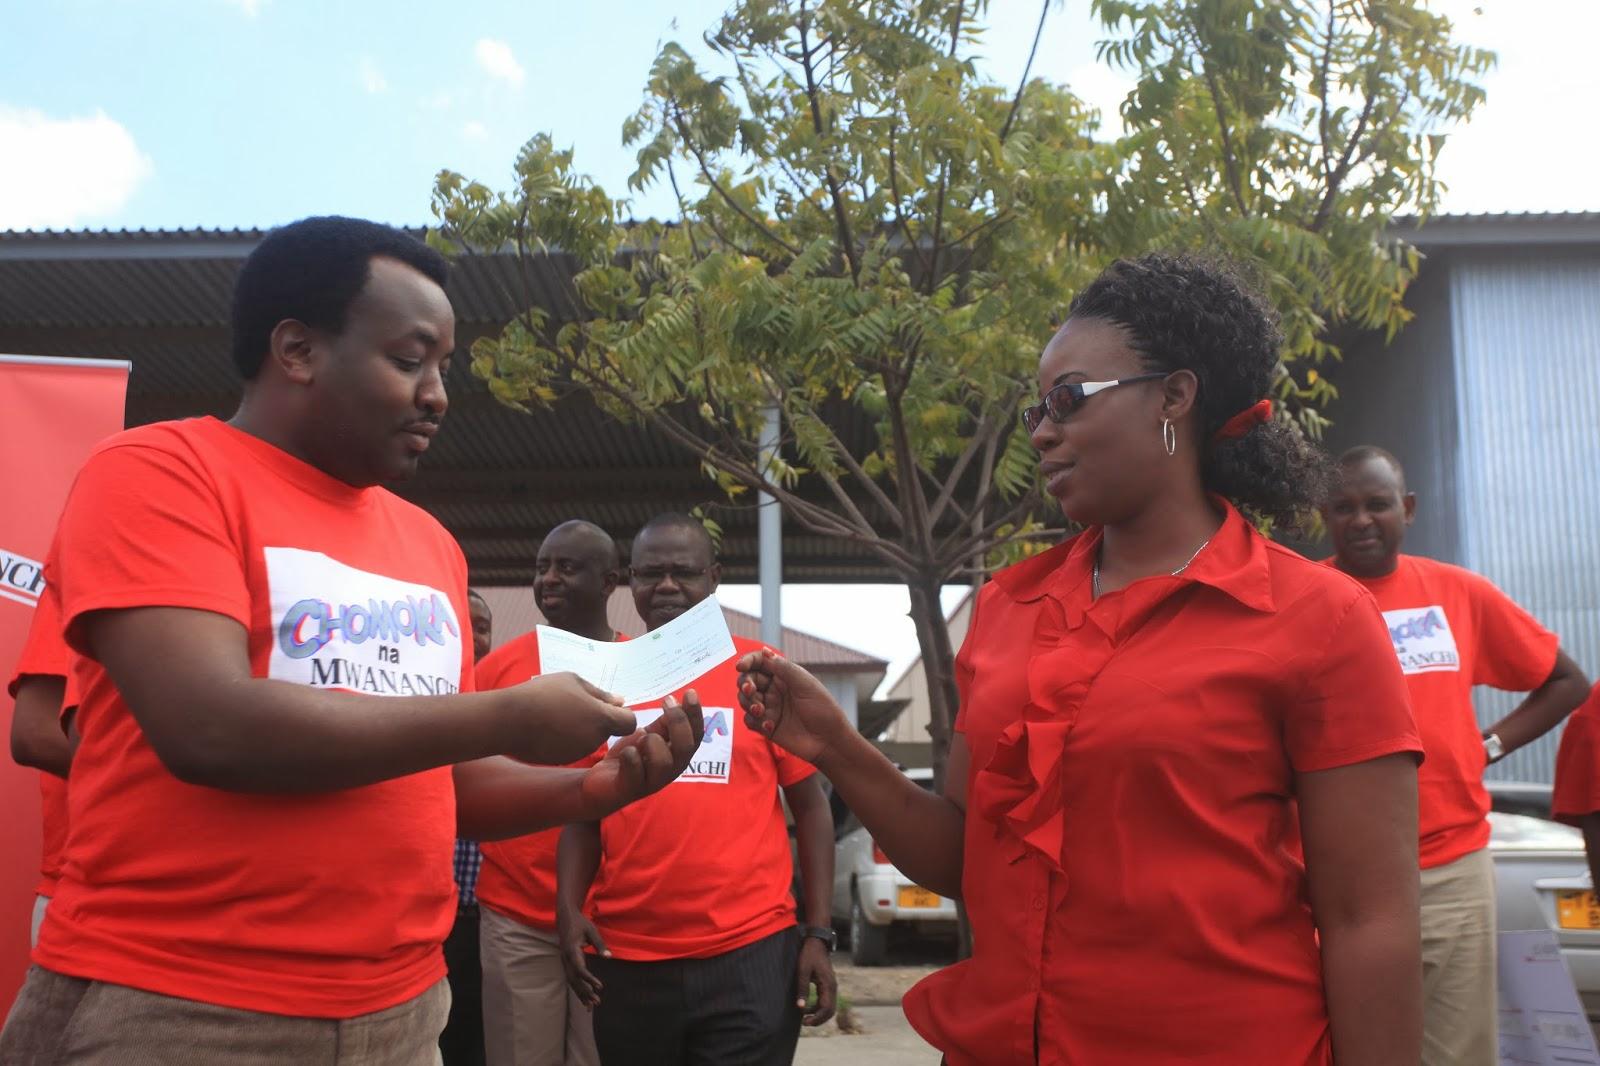 jpeg, Mhariri Mtendaji wa Gazeti la Mwananchi ,Dennis Msacky (kushoto